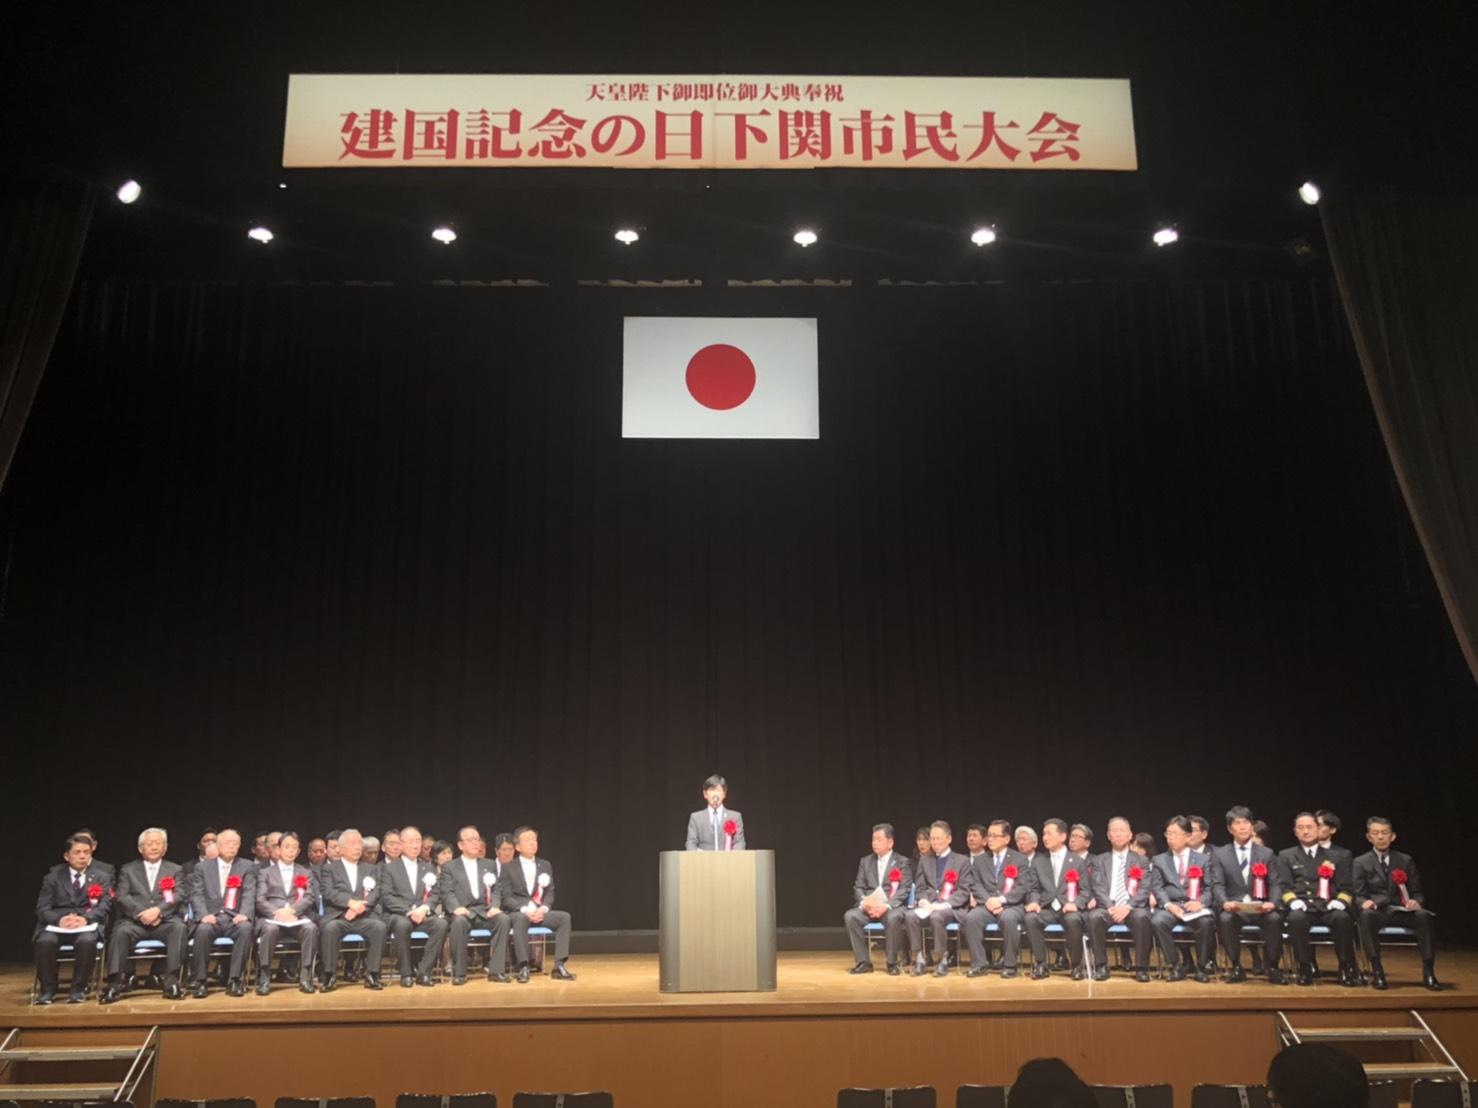 建国記念の日 下関市民大会